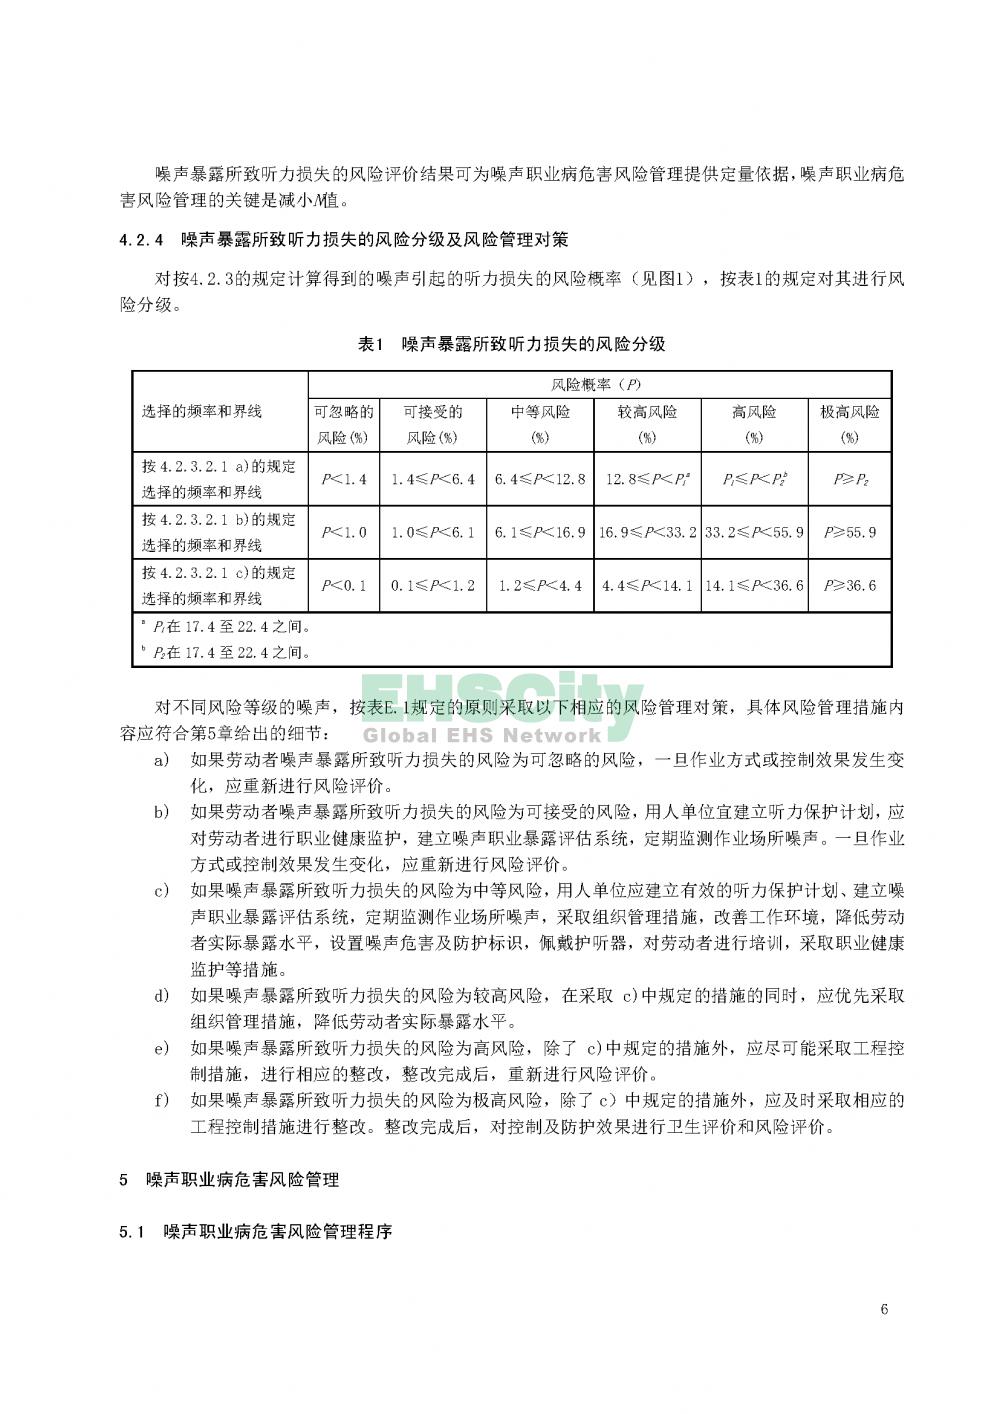 噪声职业病危害风险管理指南_页面_09